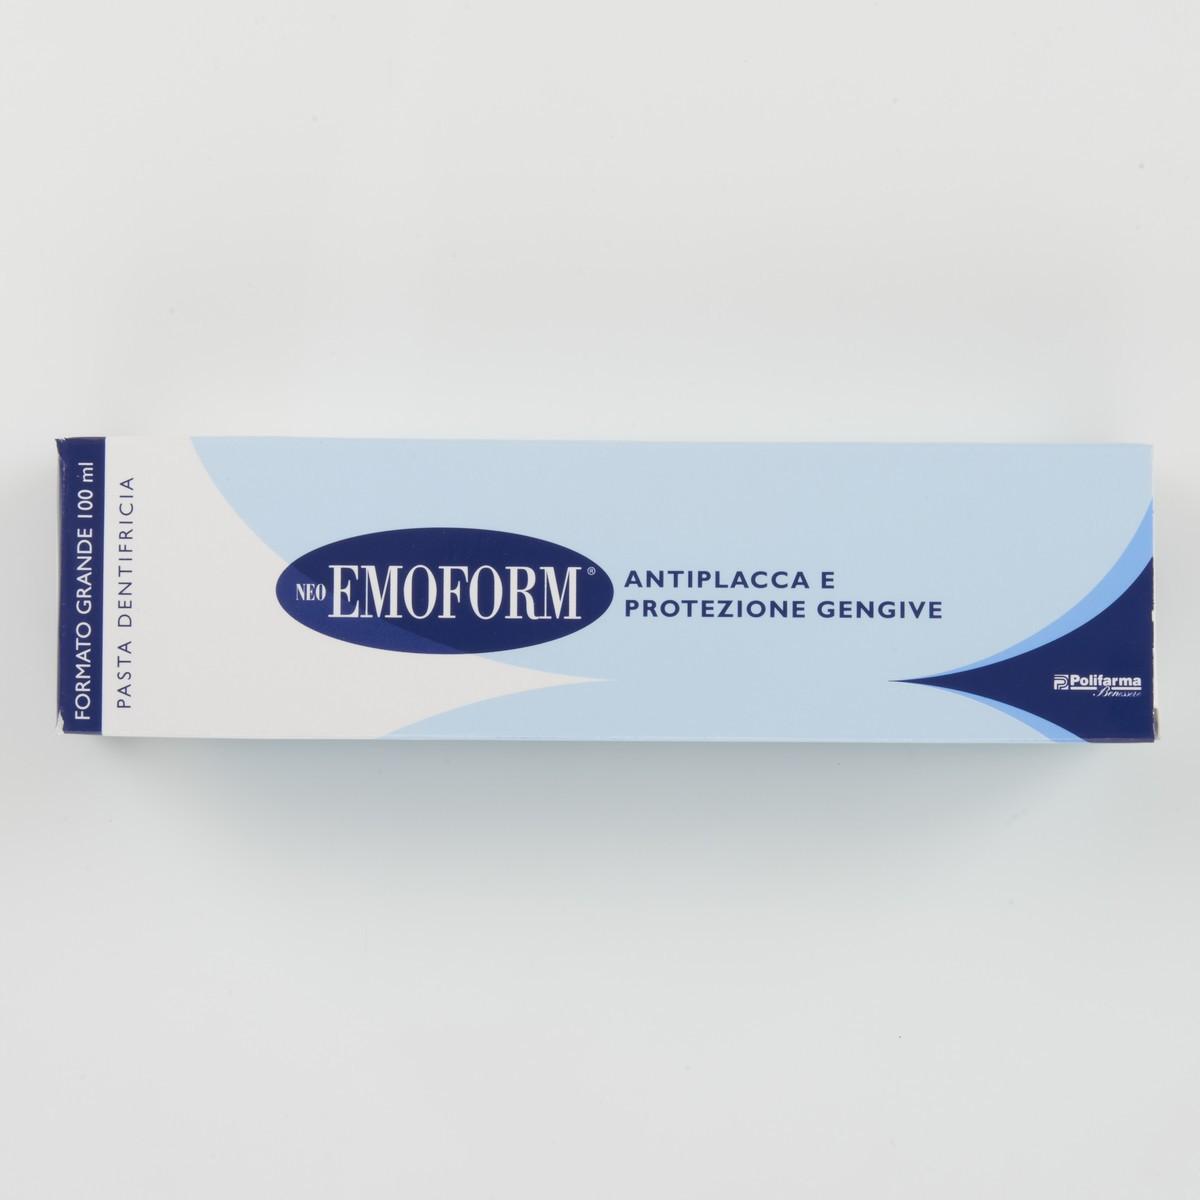 Neo Emoform Dentifricio Antiplacca e Protezione Gengive